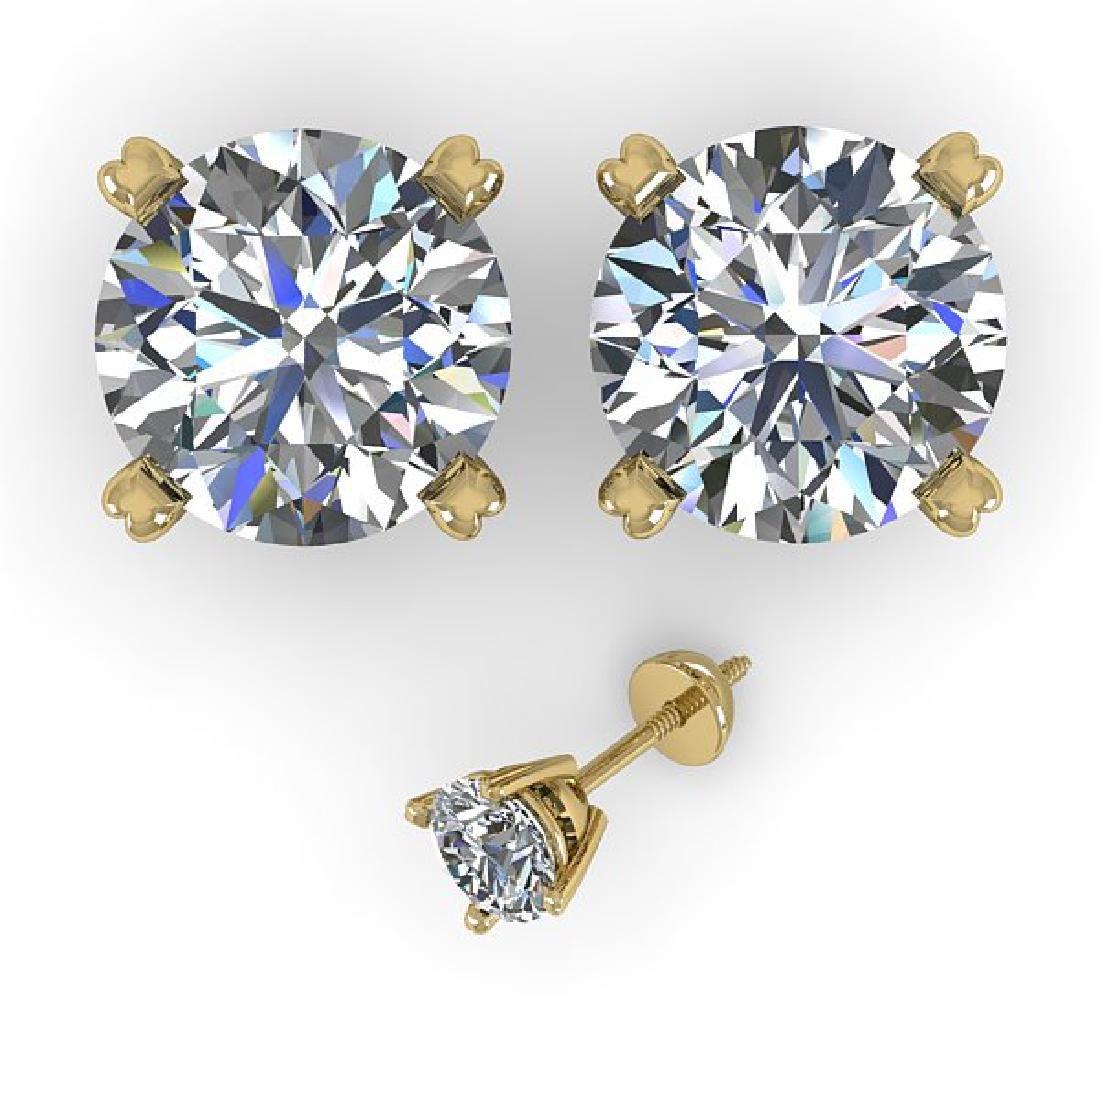 4 CTW Certified VS/SI Diamond Stud Earrings 18K Yellow